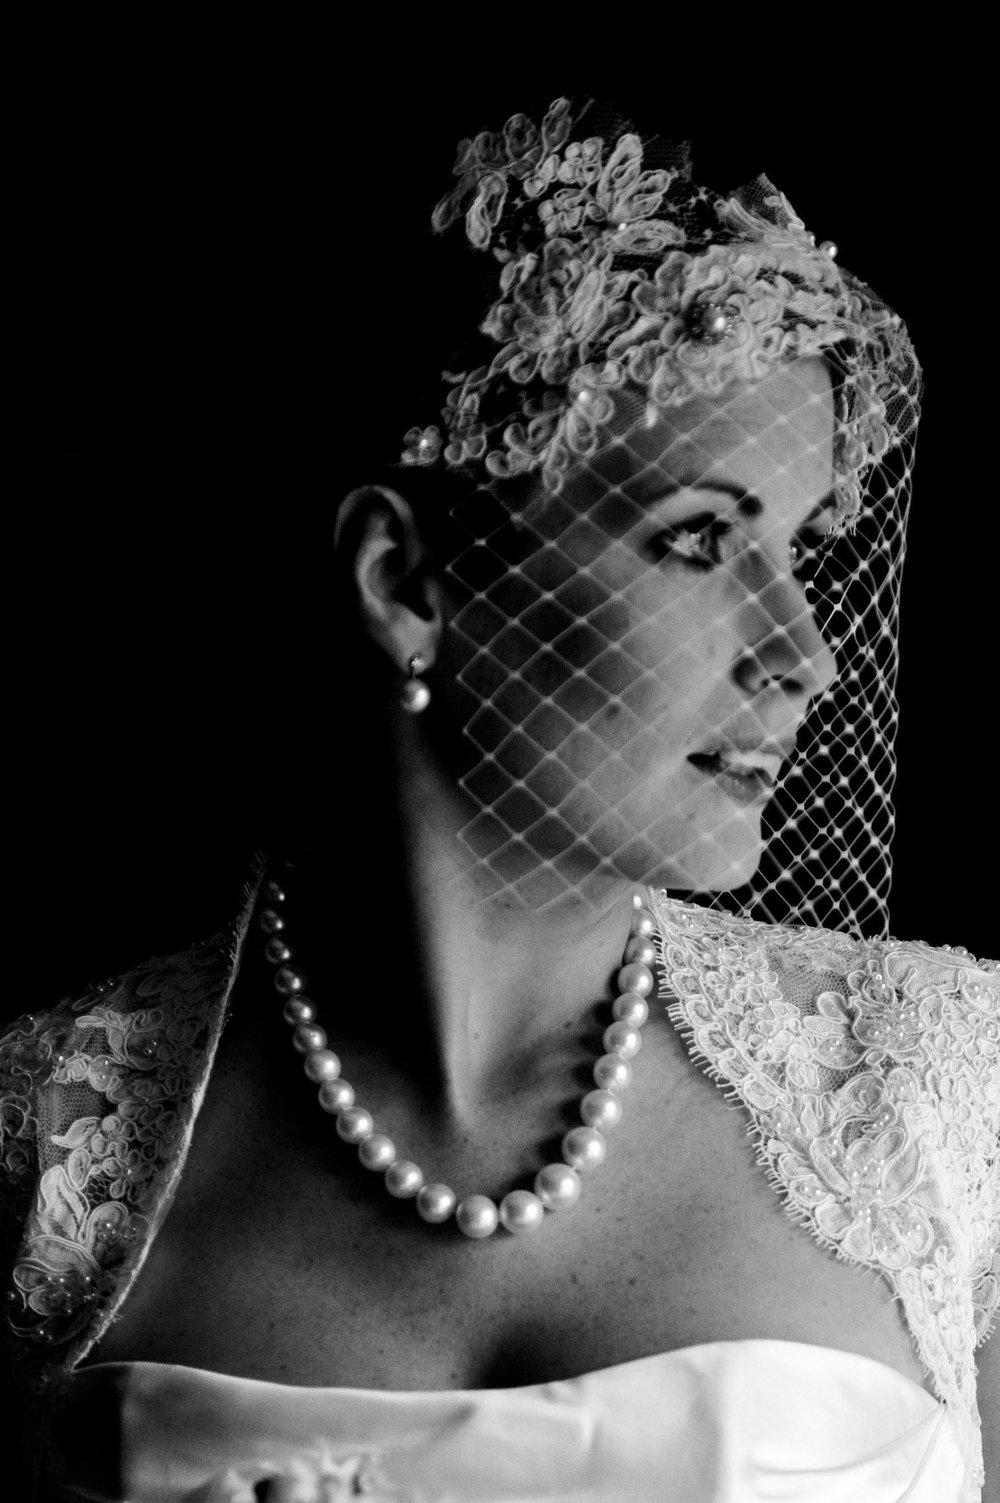 Celia in pearls